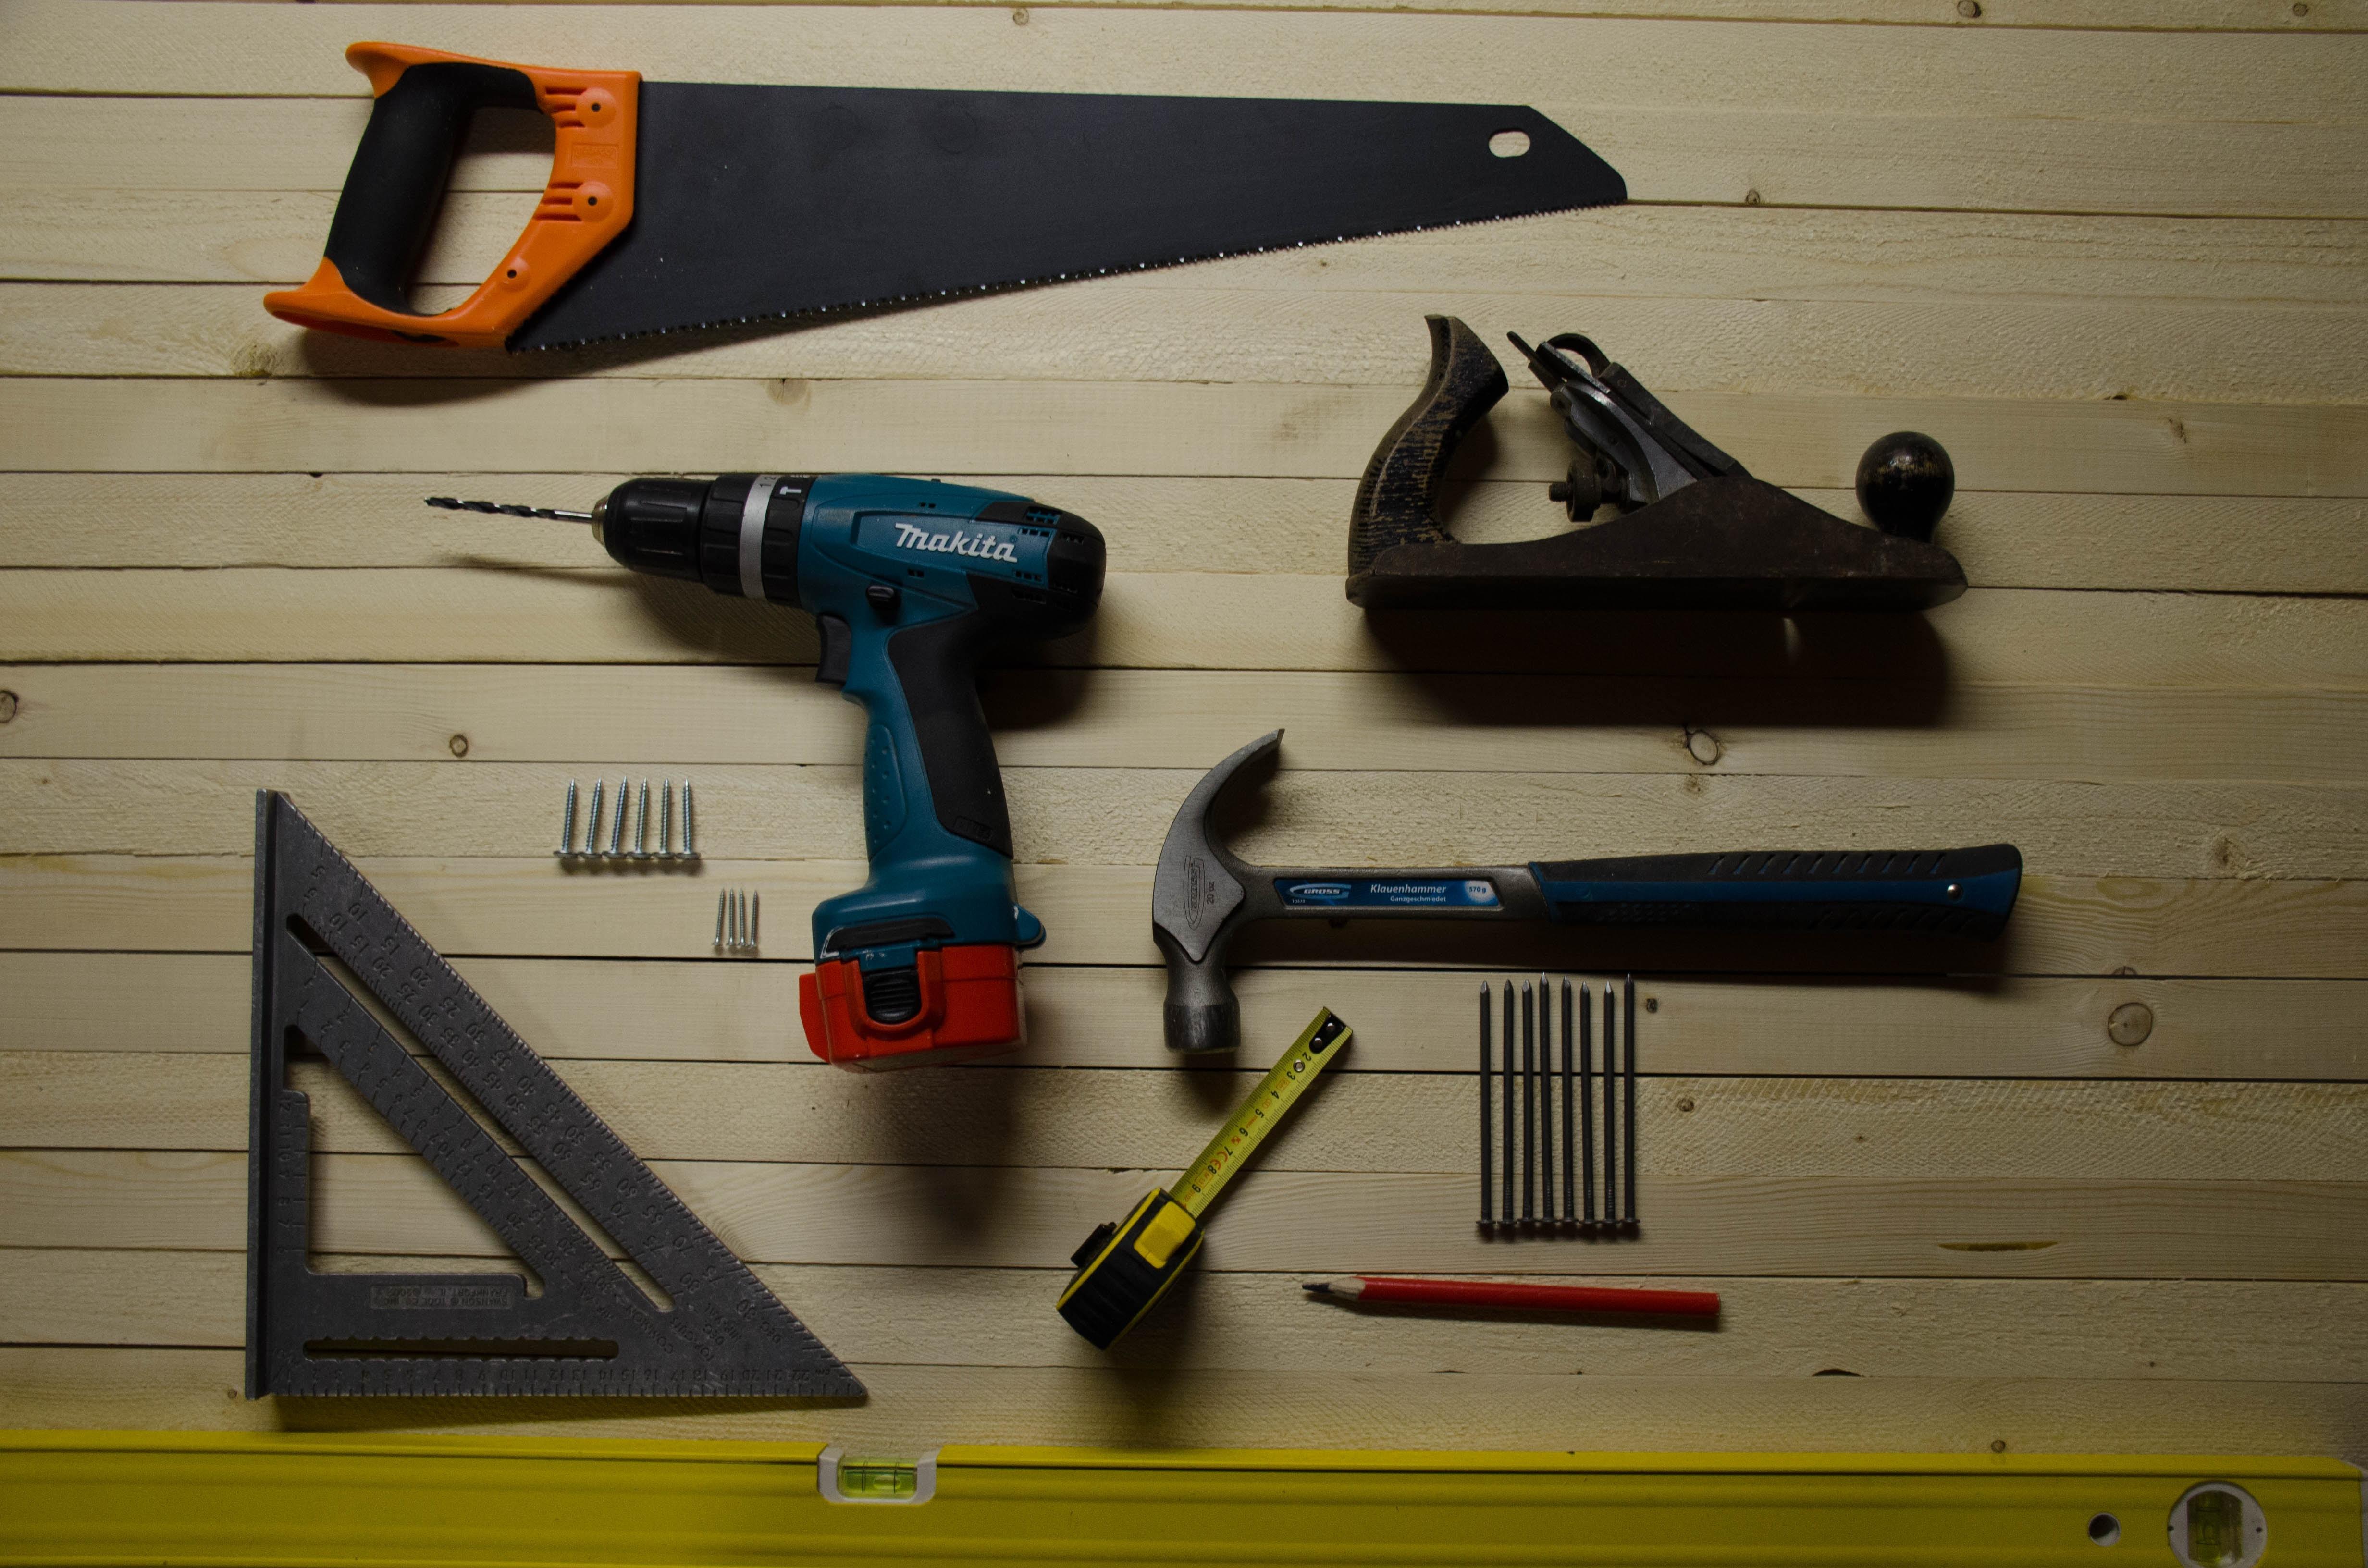 outils de bricolage sur un sol en bois avec scie equerre perceuse marteau vis crayon metre